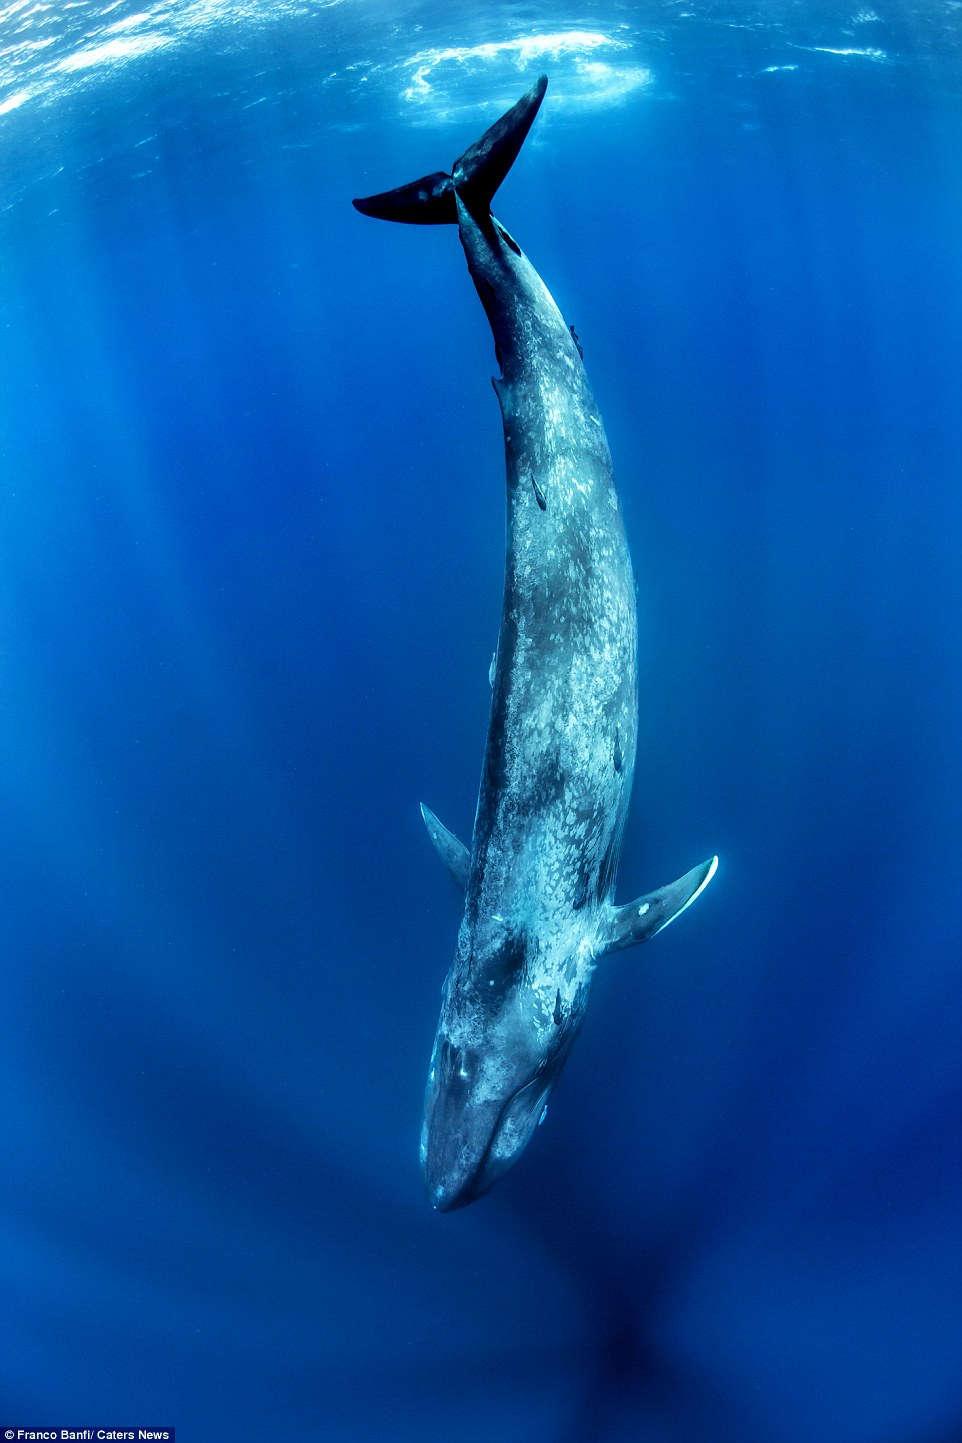 Cá voi xanh thuộc phân bộ cá voi tấm sừng hàm, chiều dài hơn 30m và nặng 170 tấn.